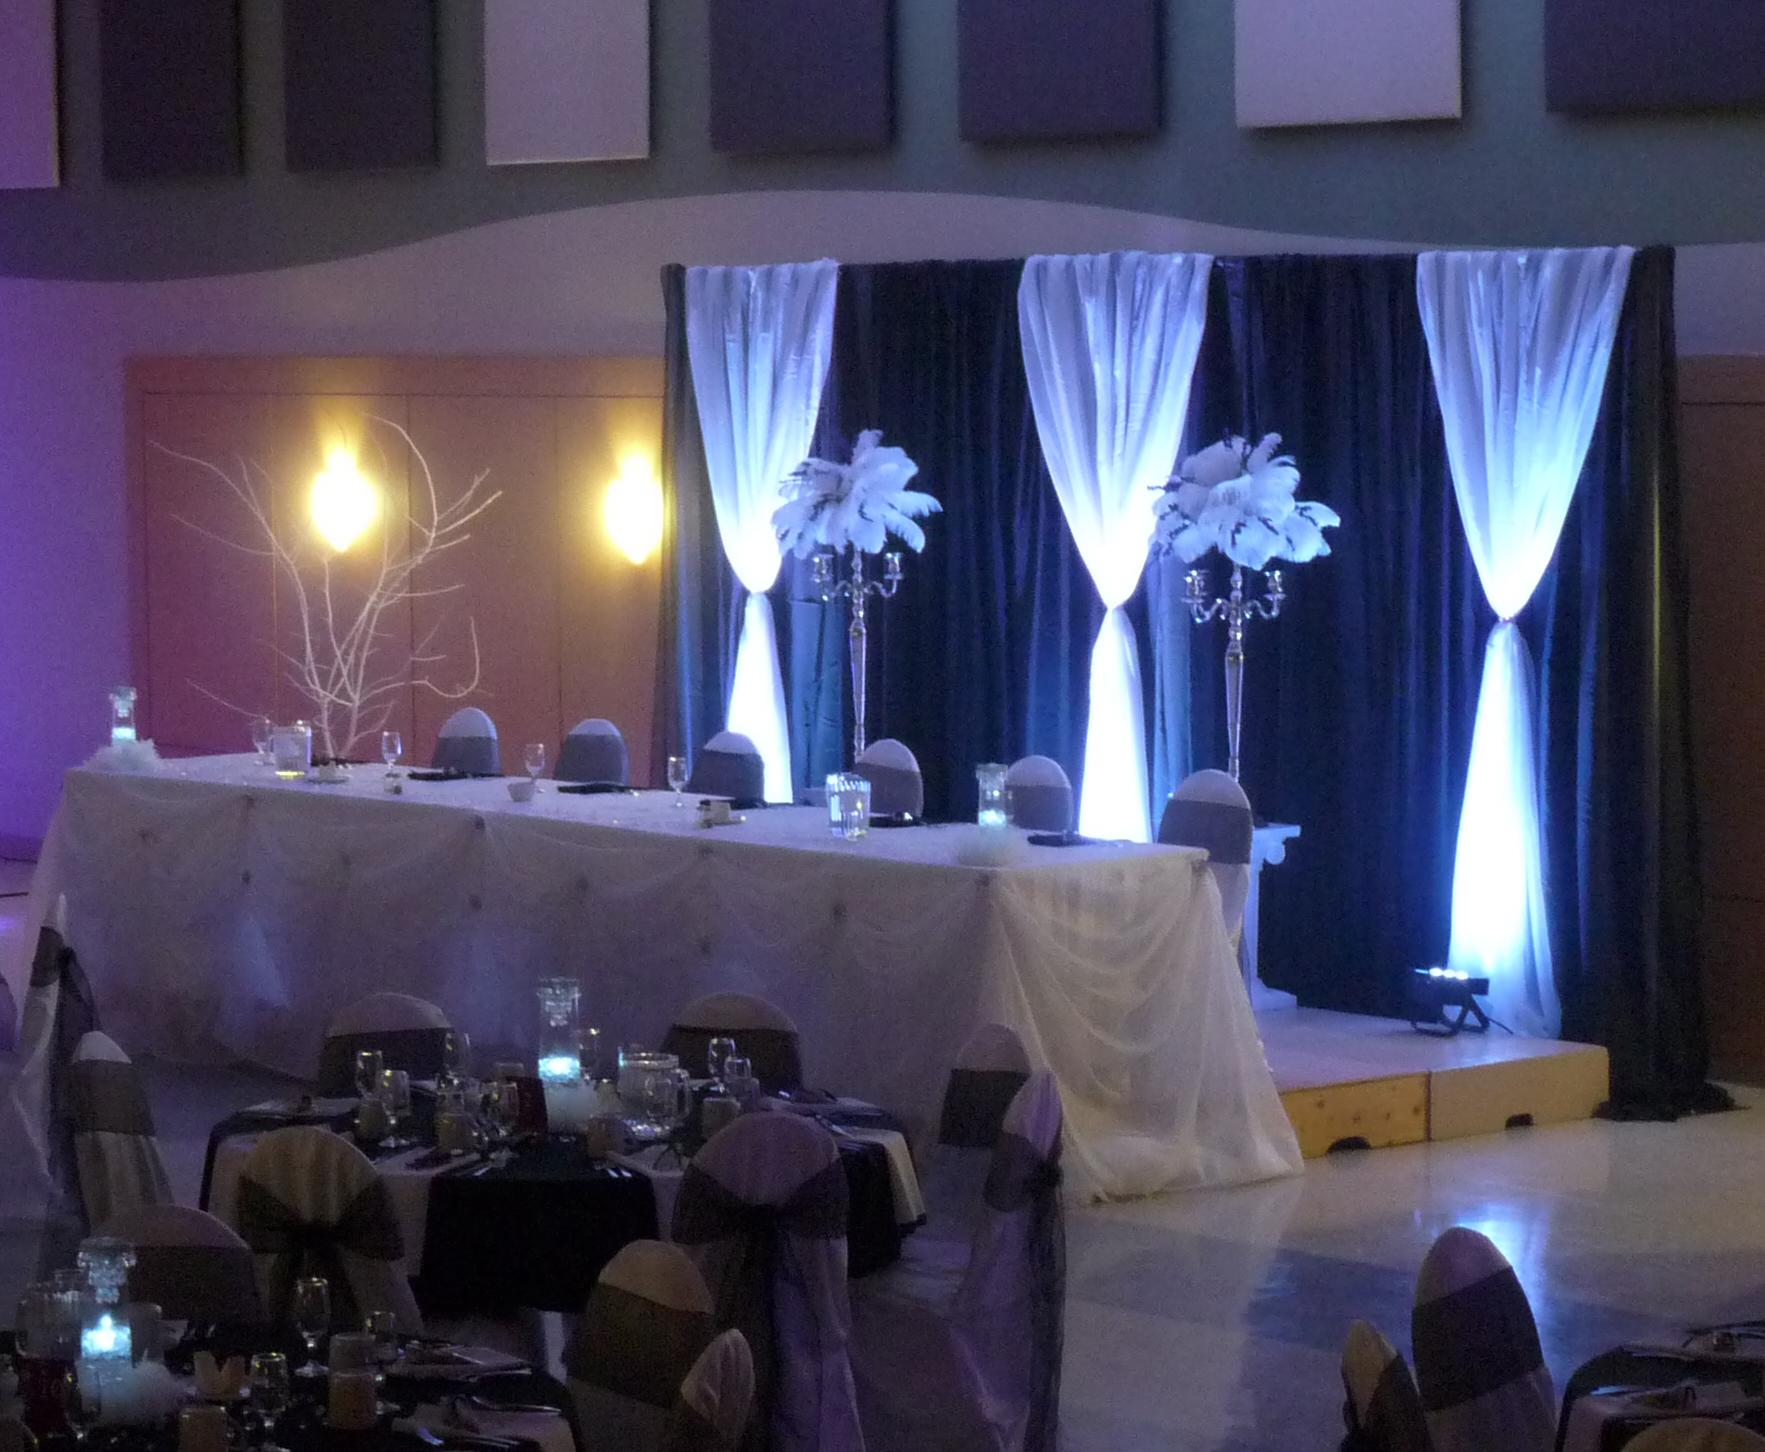 3 head table uplights